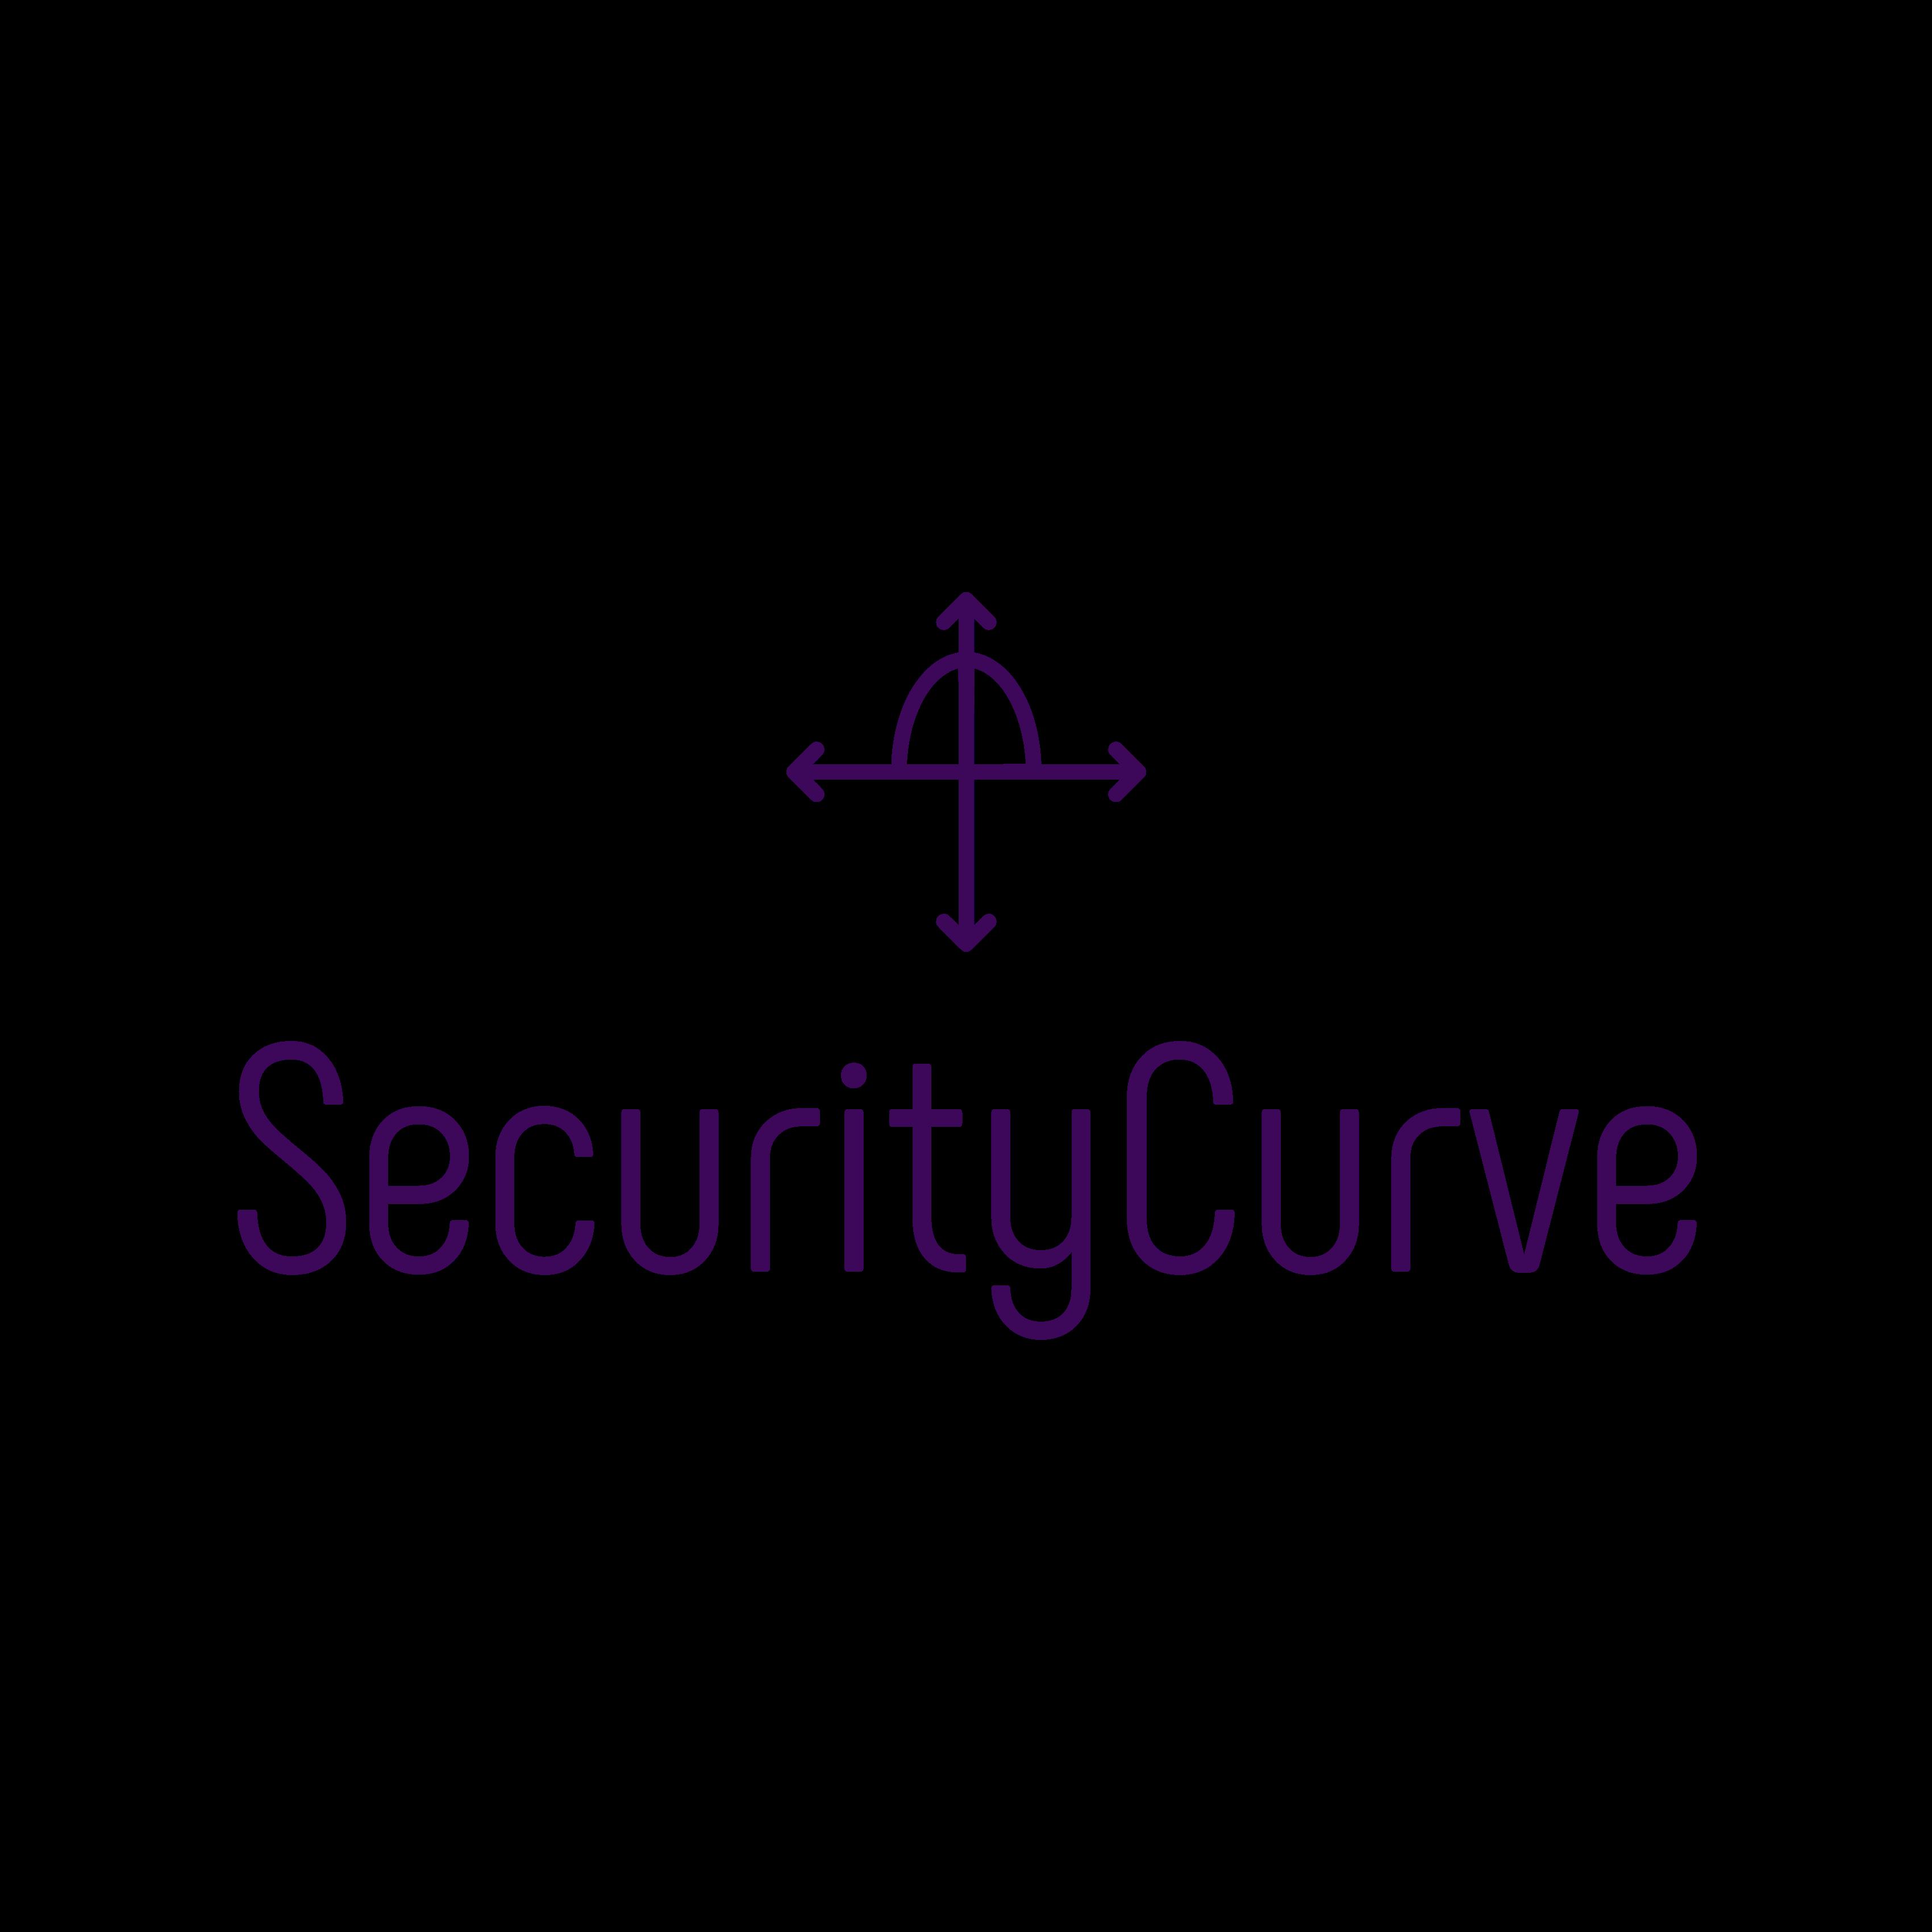 SecurityCurve